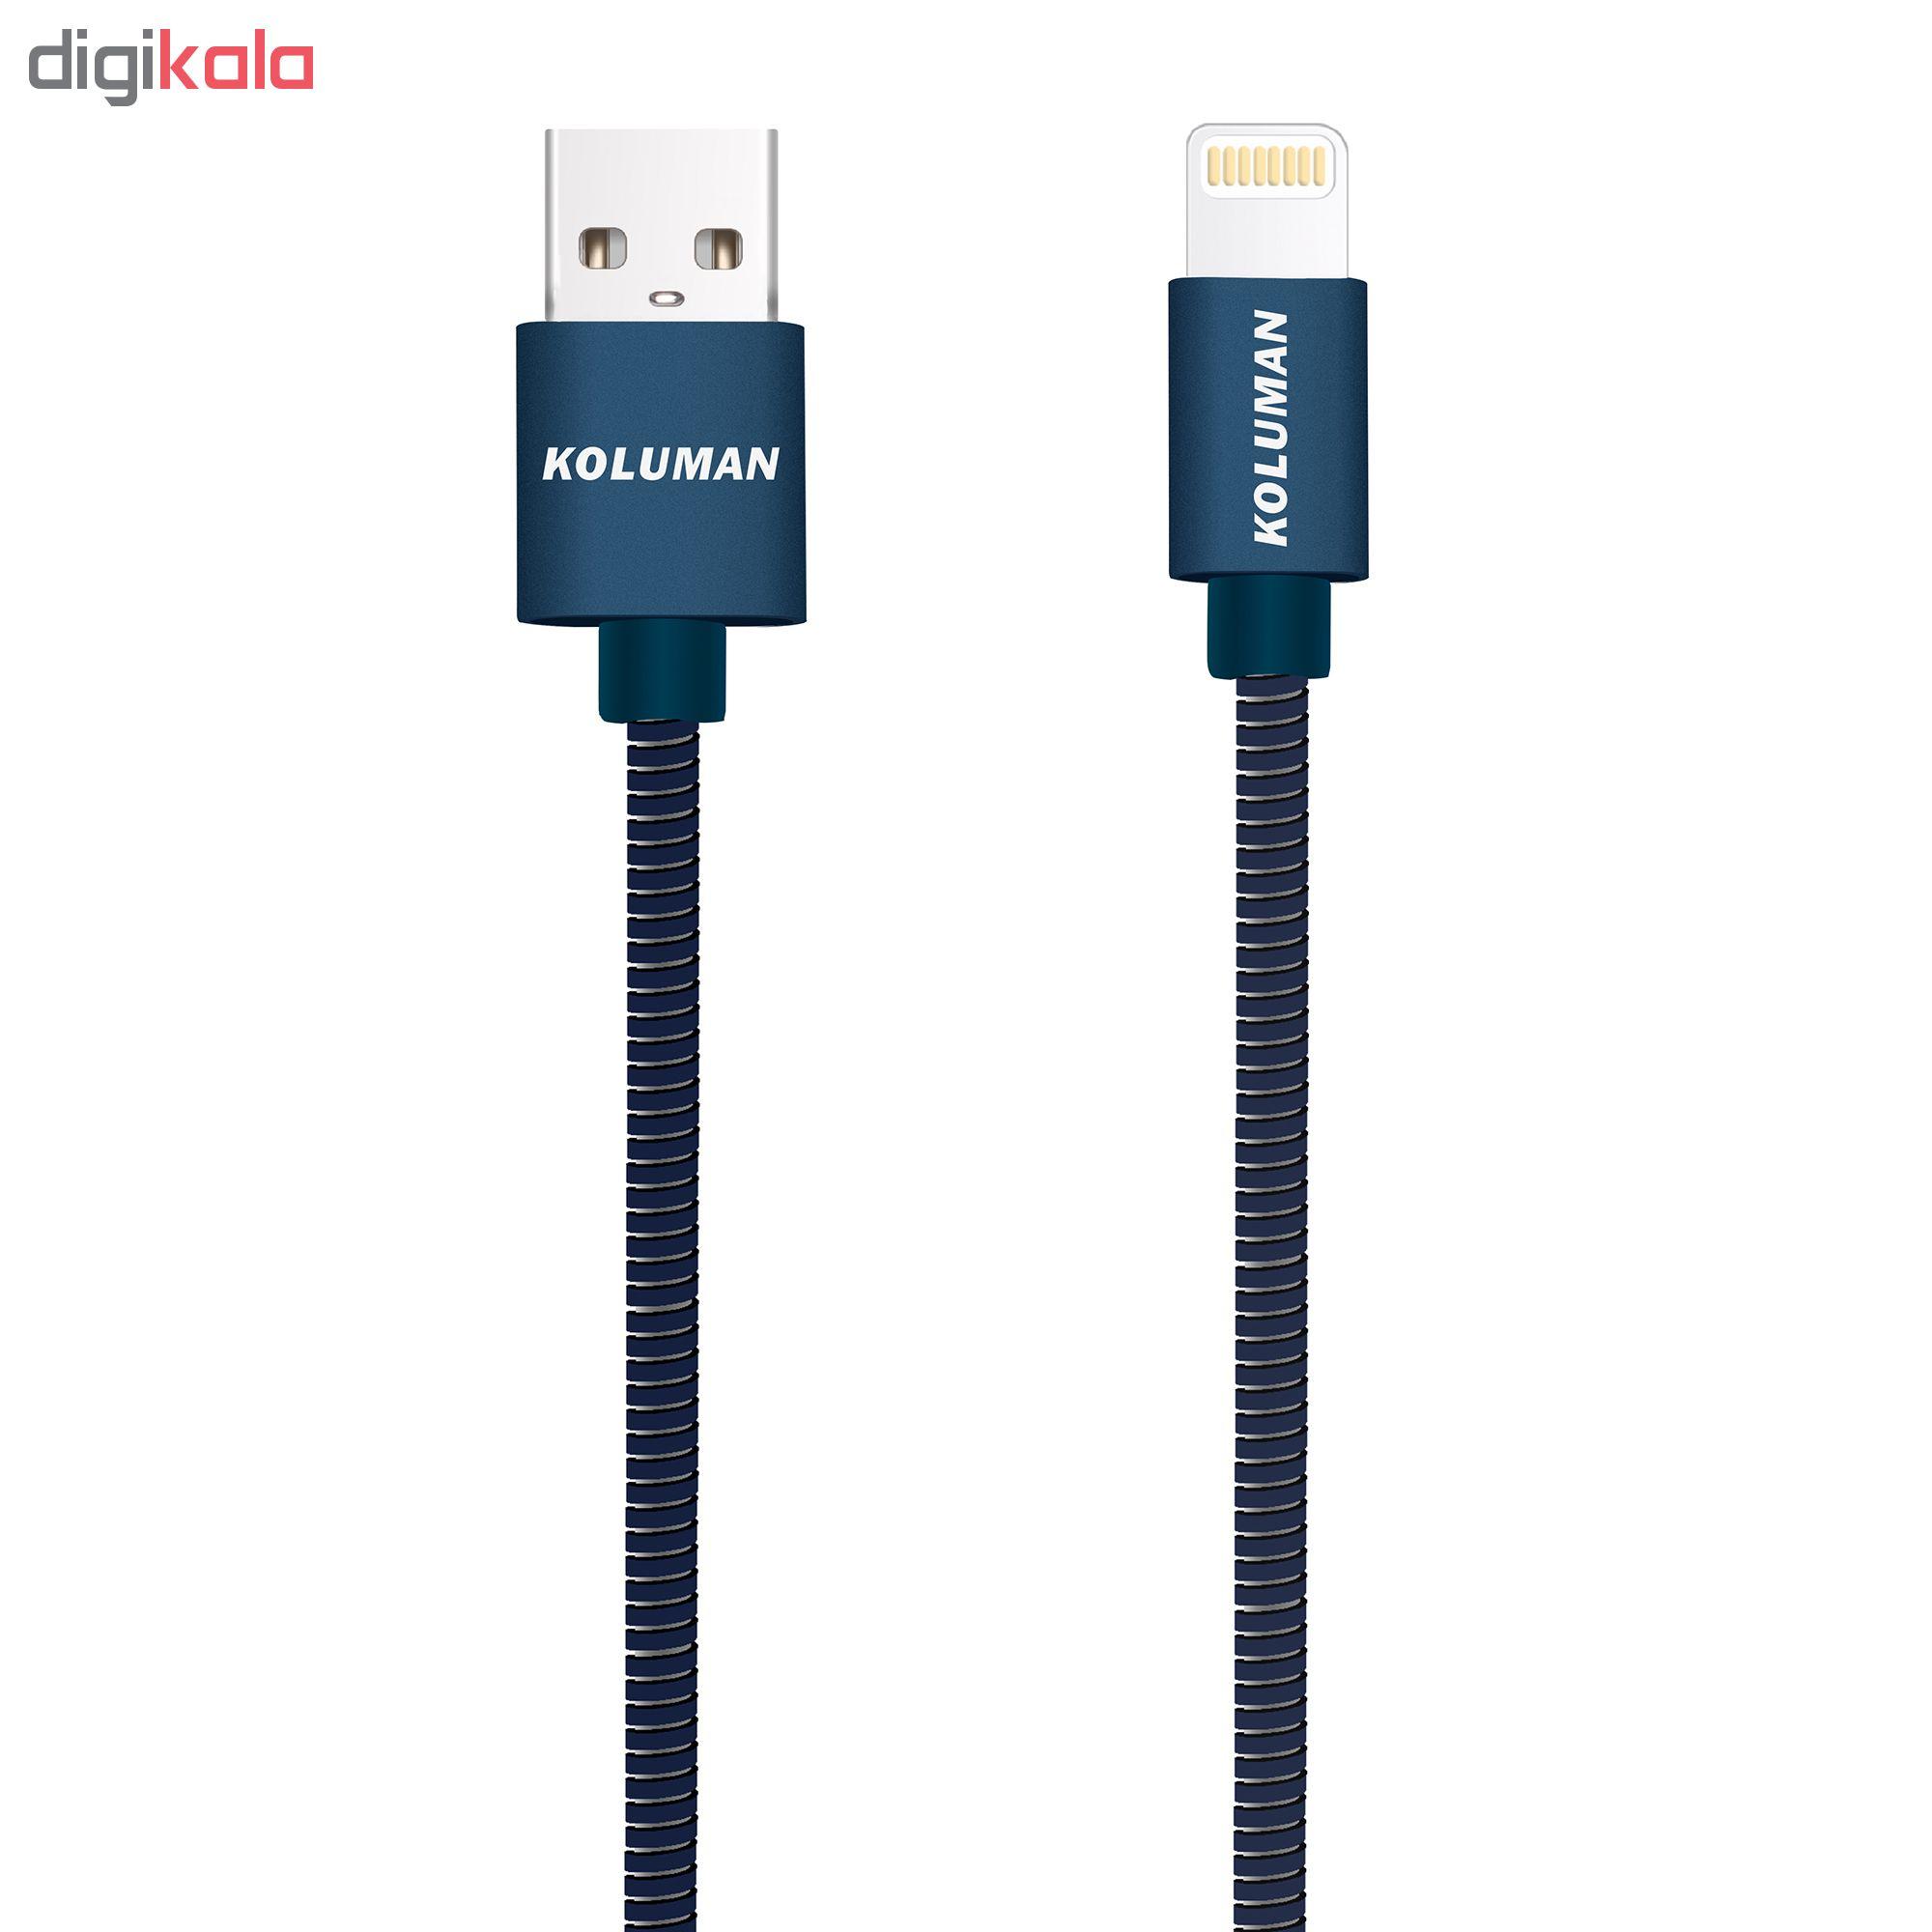 کابل تبدیل USB به لایتنینگ کلومن مدل KD-34 طول 1 متر